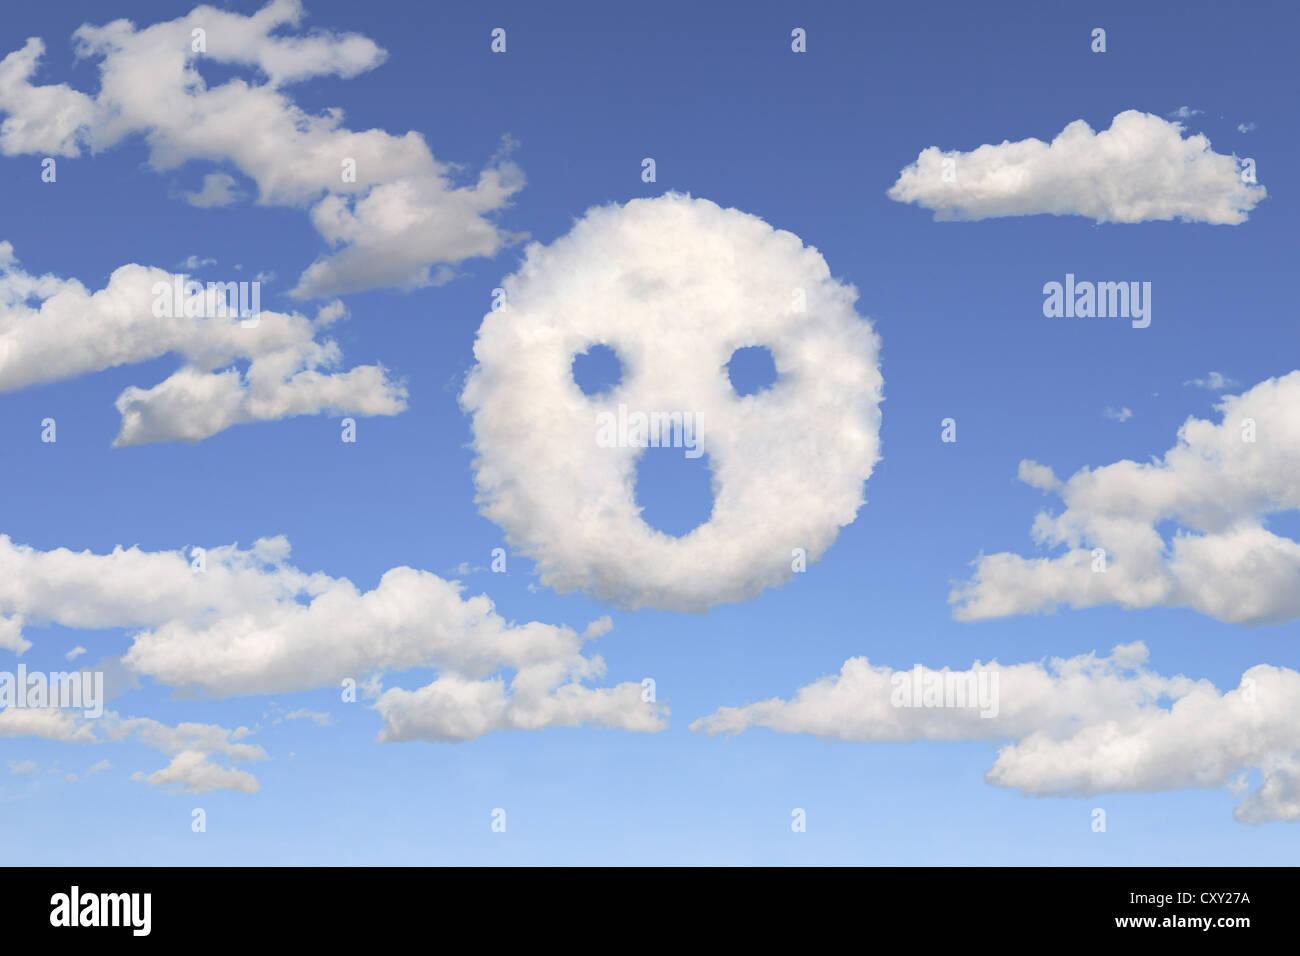 Nuvole conformata come una faccia stupita, illustrazione Immagini Stock